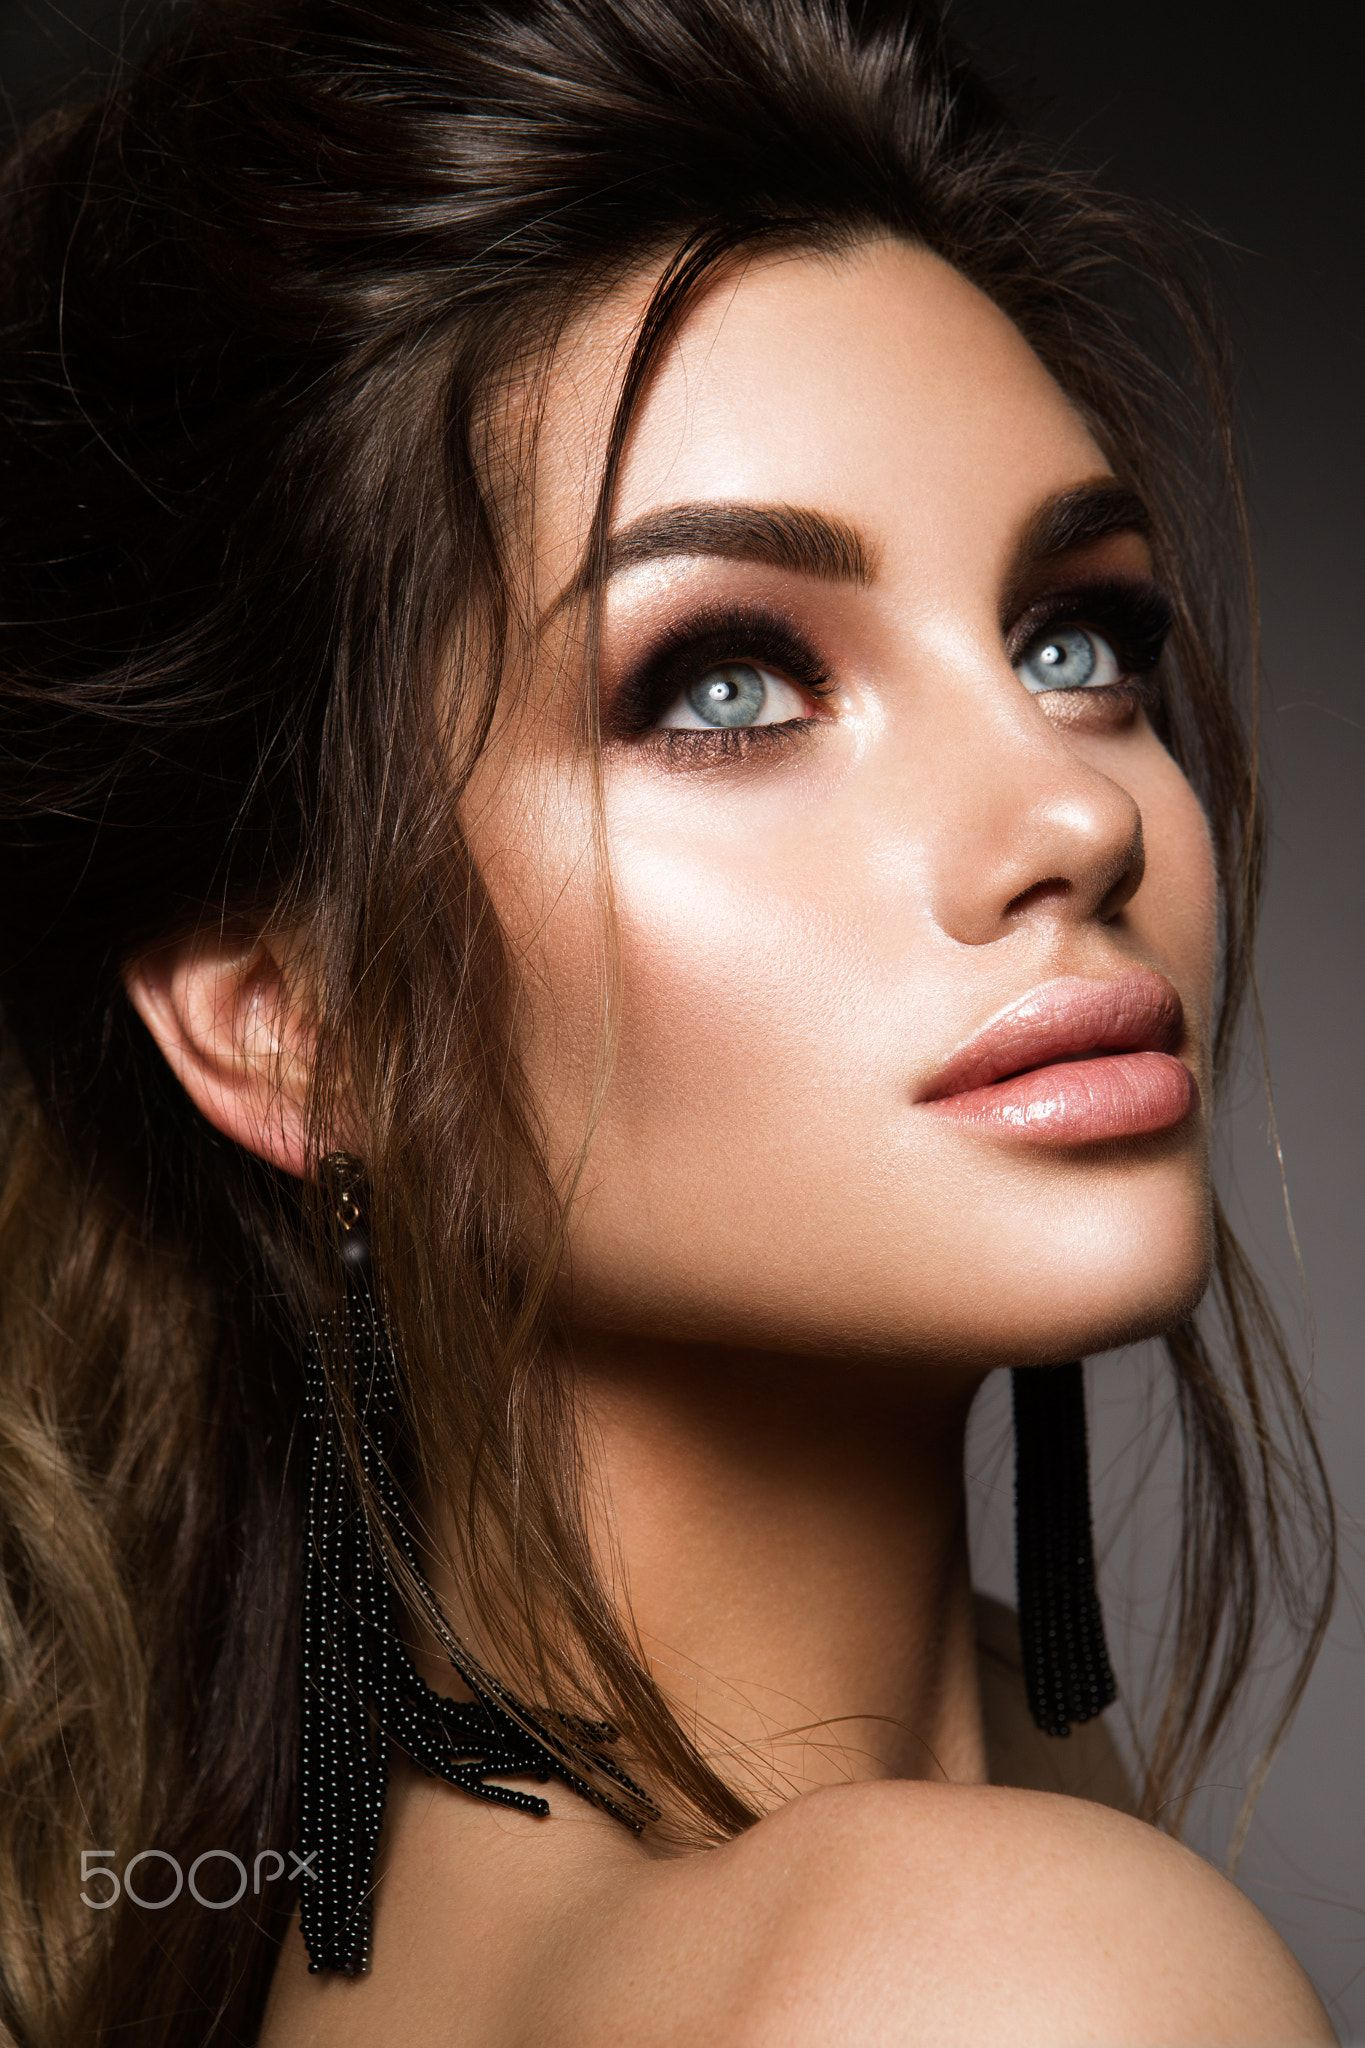 Beautiful woman with professional make up - Beautiful